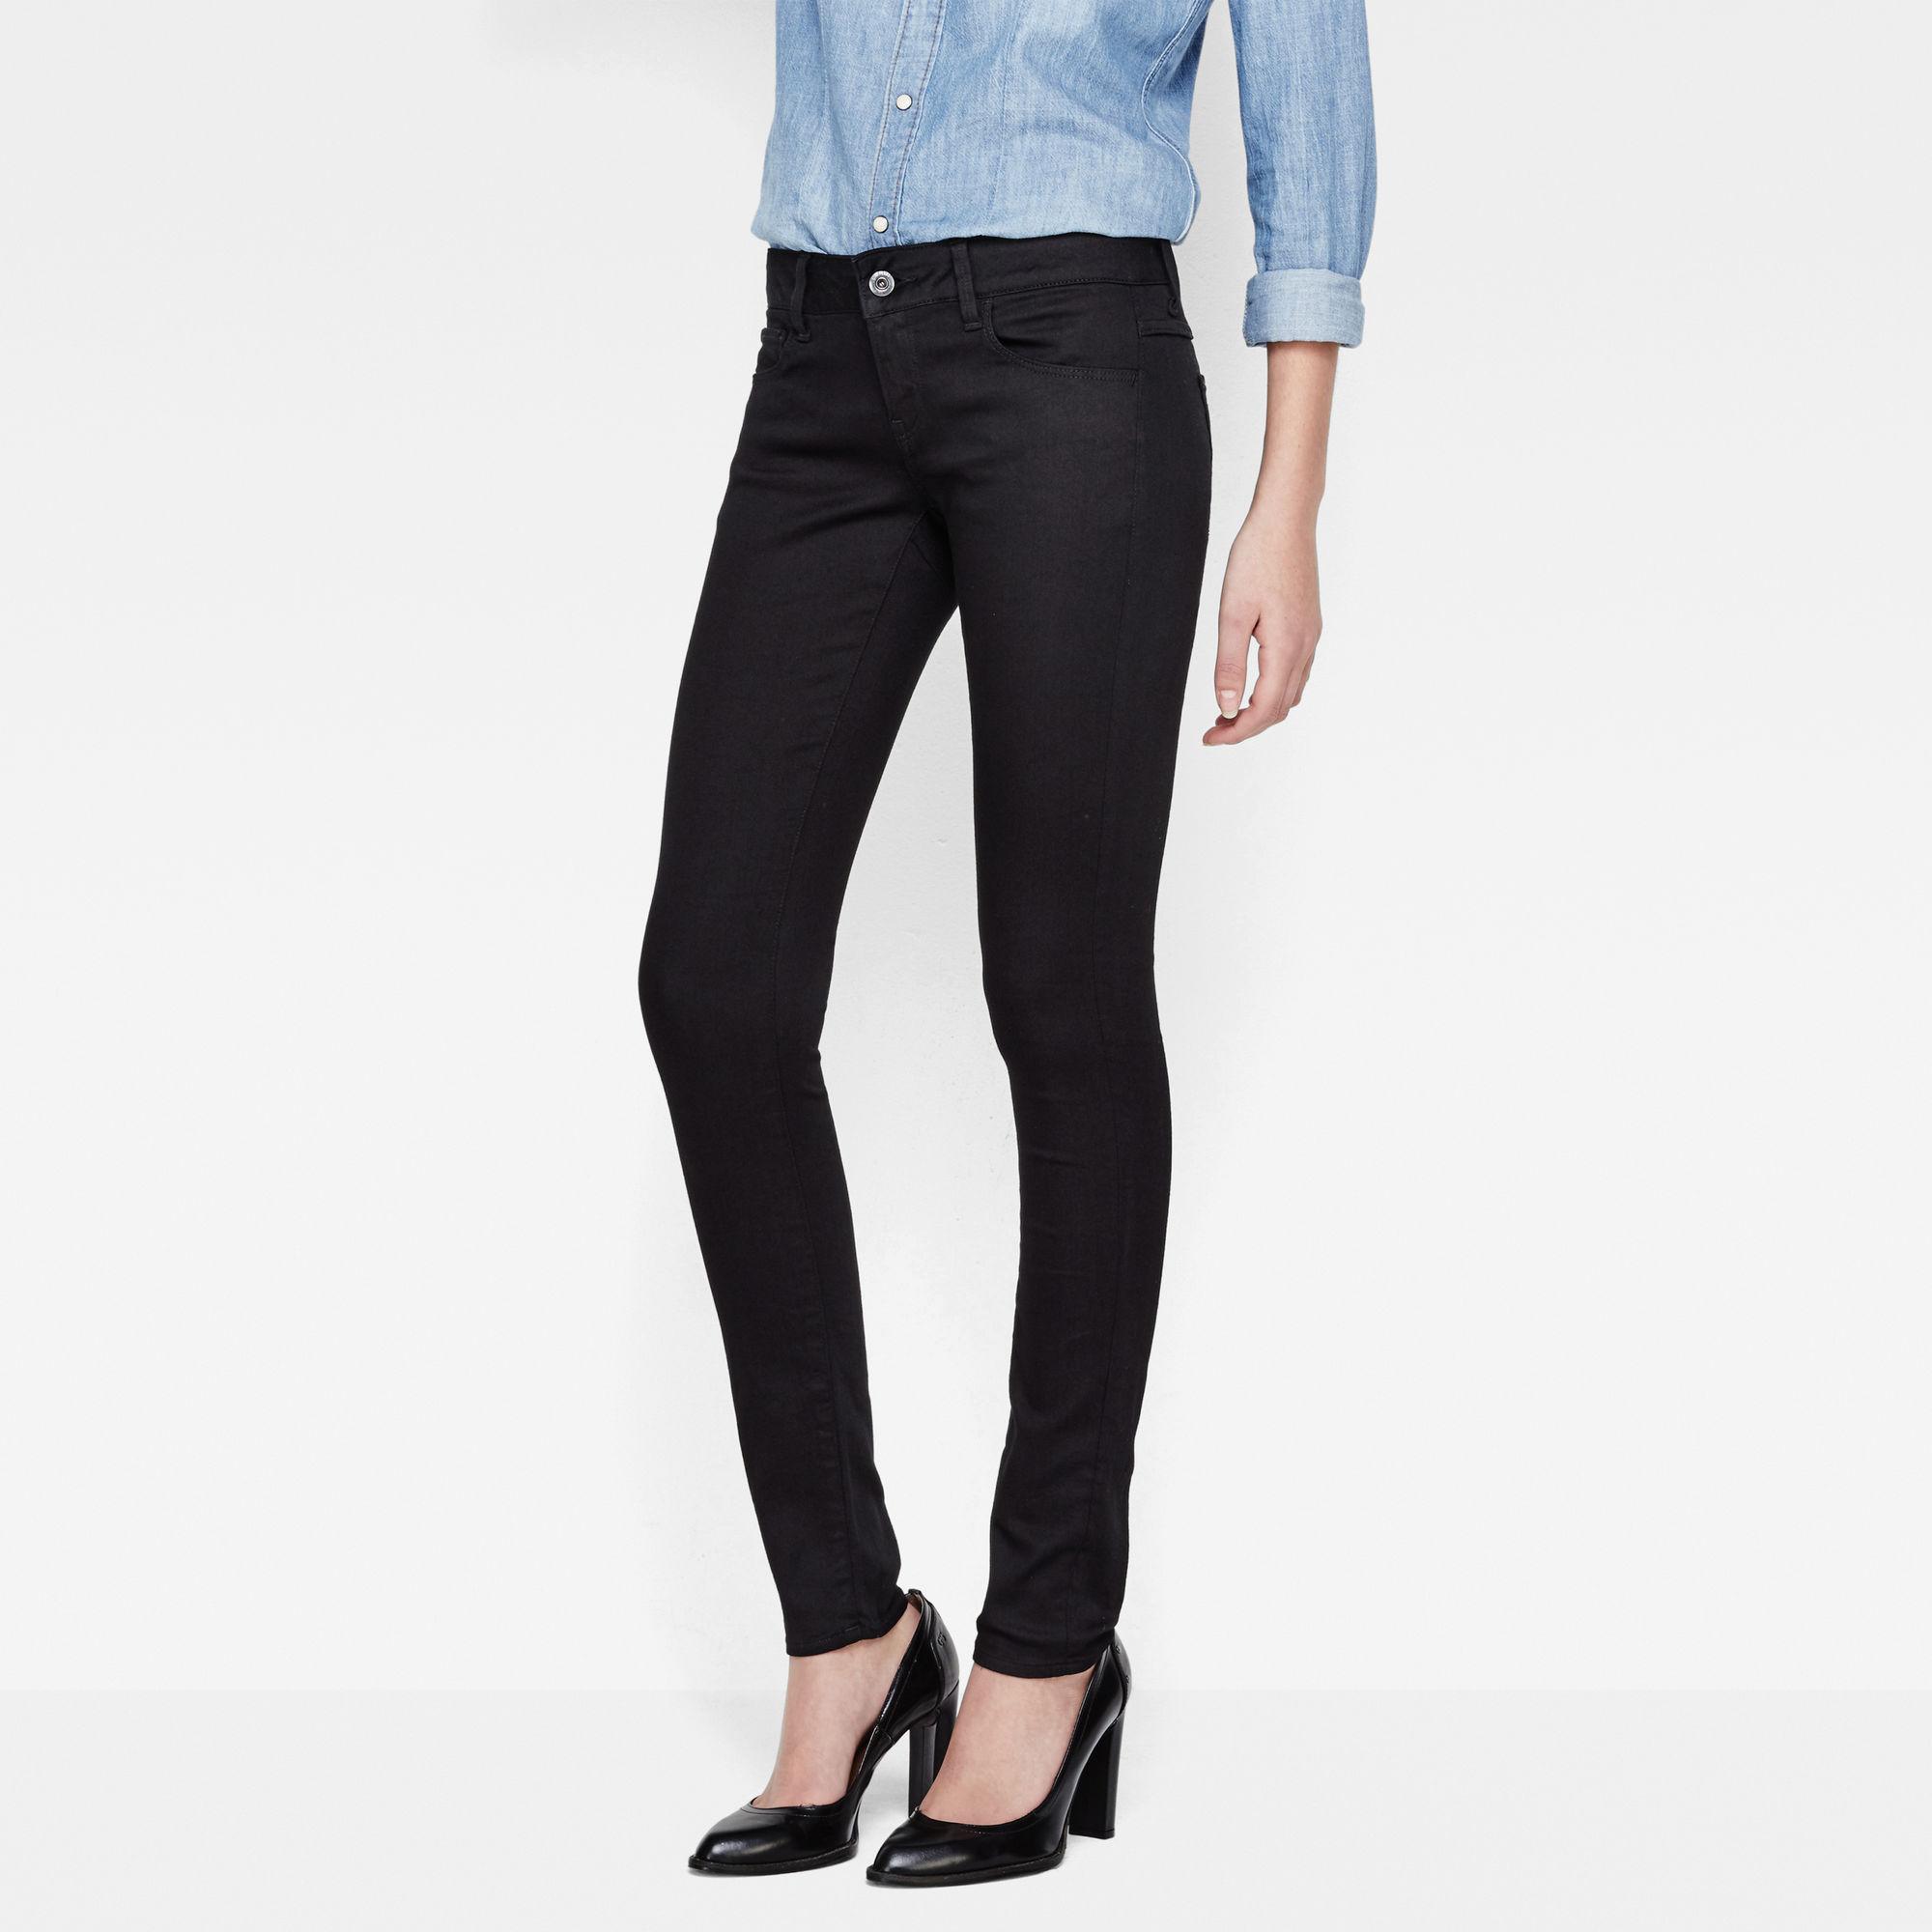 Van G Star Raw 3301 Deconstructed Low Waist Super Skinny Jeans Prijsvergelijk nu!